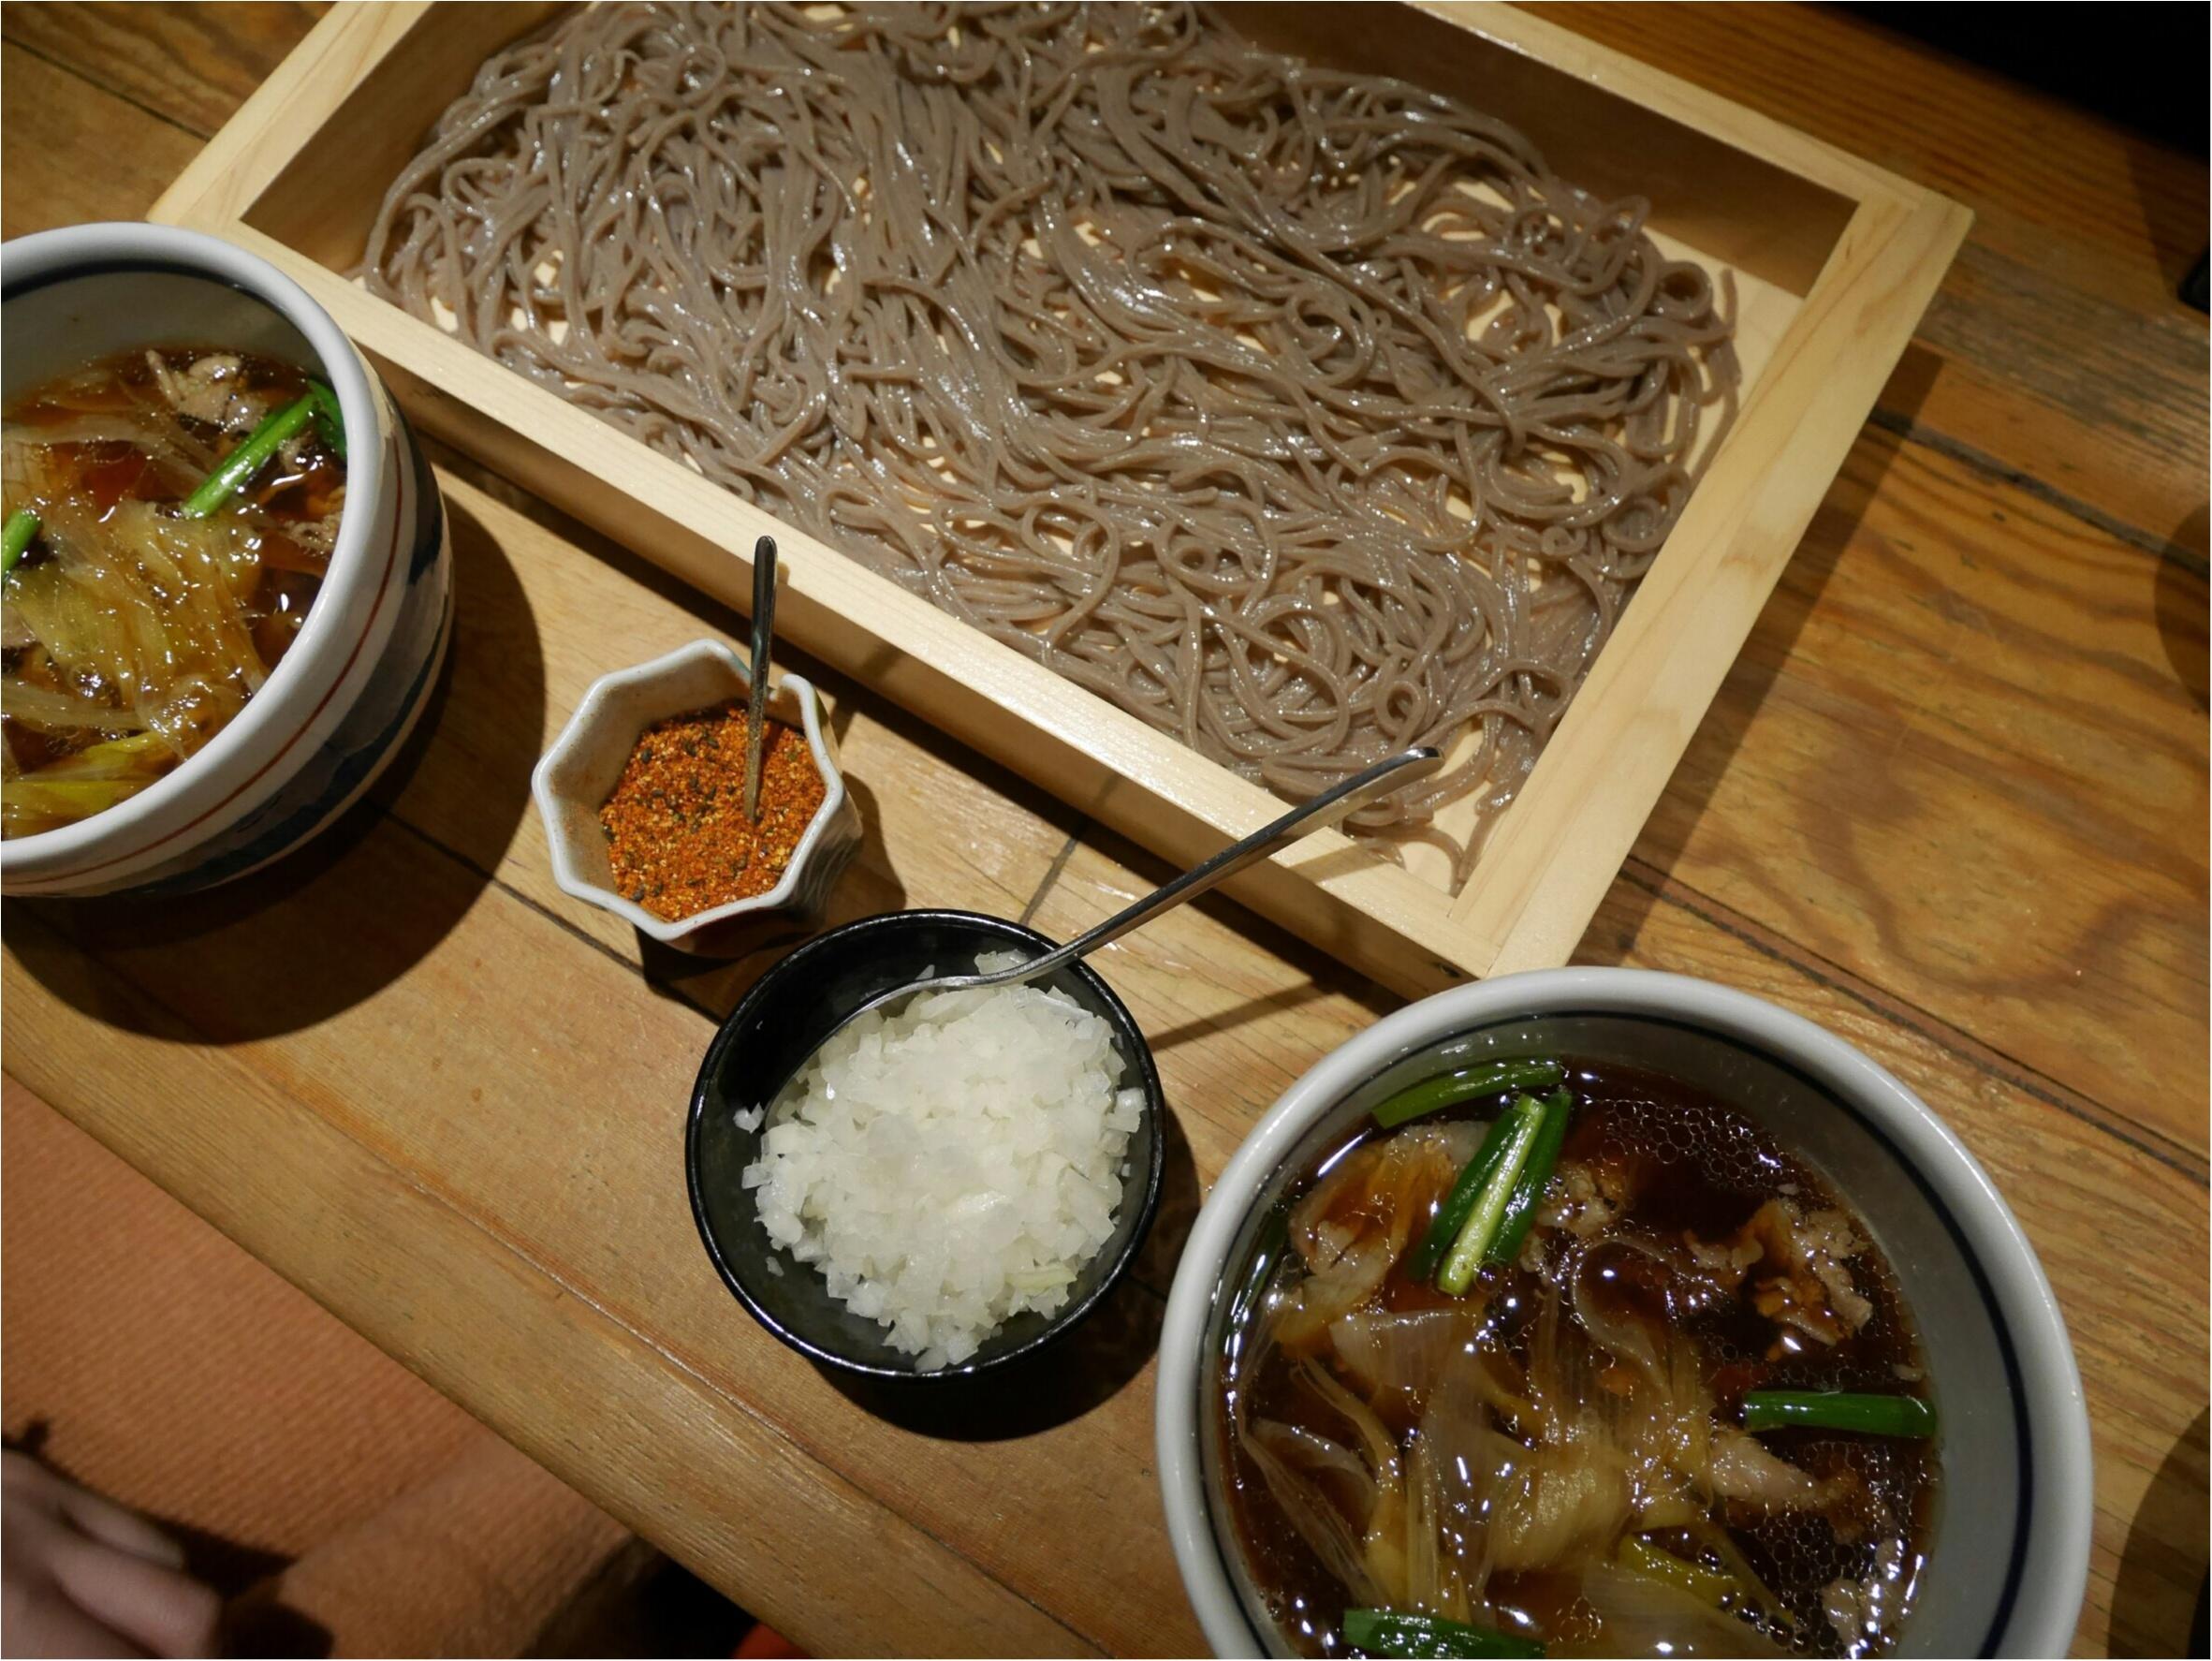 【恵比寿】そば・しゃぶしゃぶ・日本酒を楽しむなら『まにん』✨黒豚つけ麺そばが絶品〜♡_7